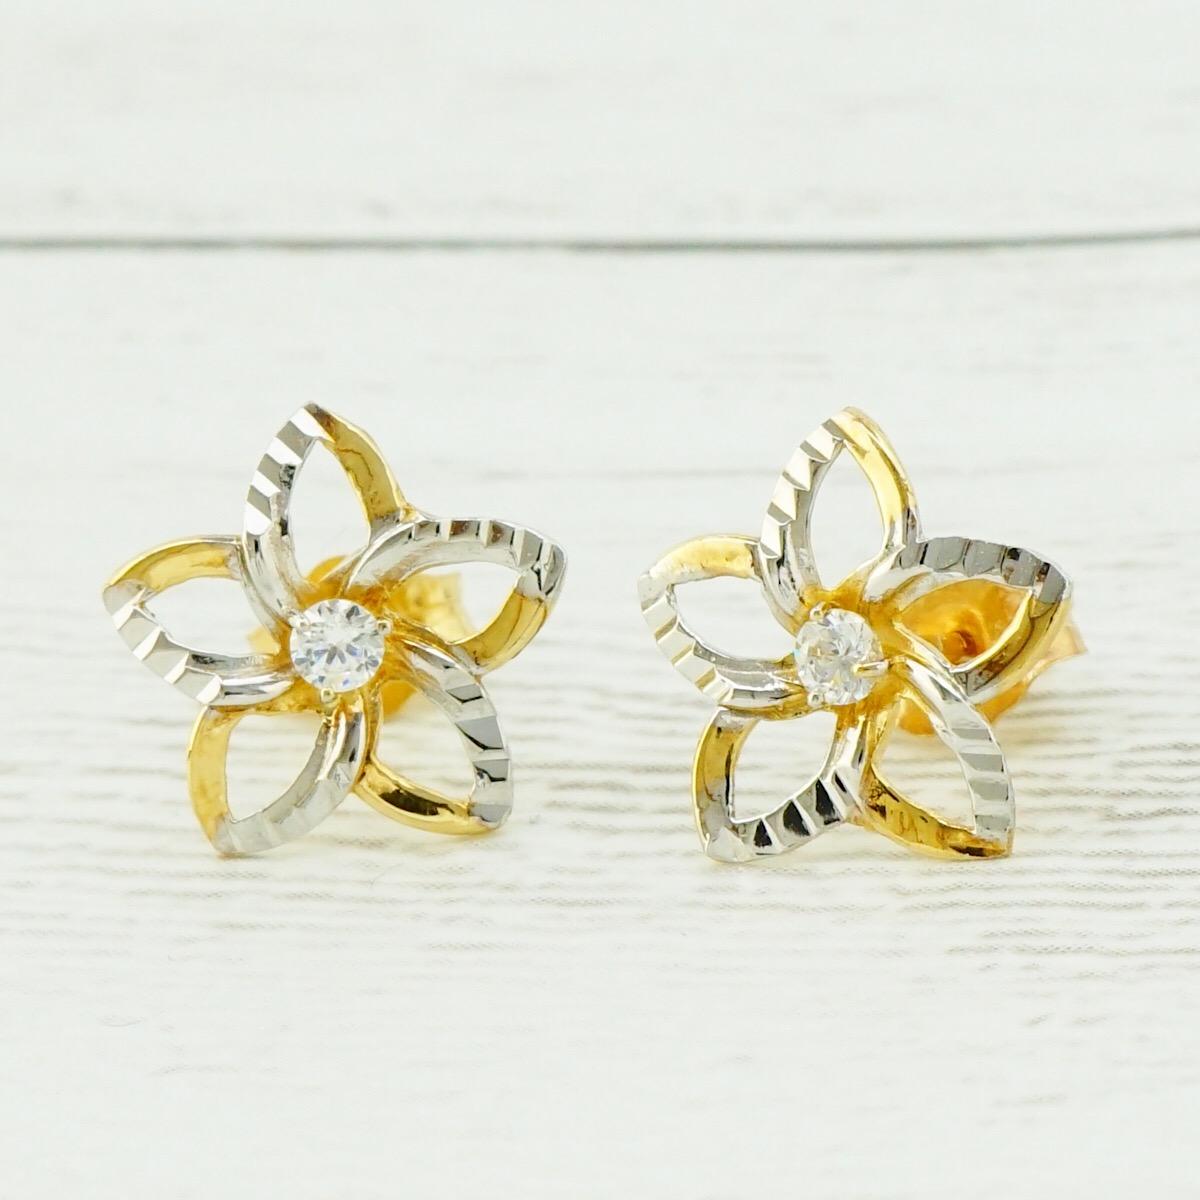 14K透かしプルメリアピアス(Yellow Gold/White Gold)